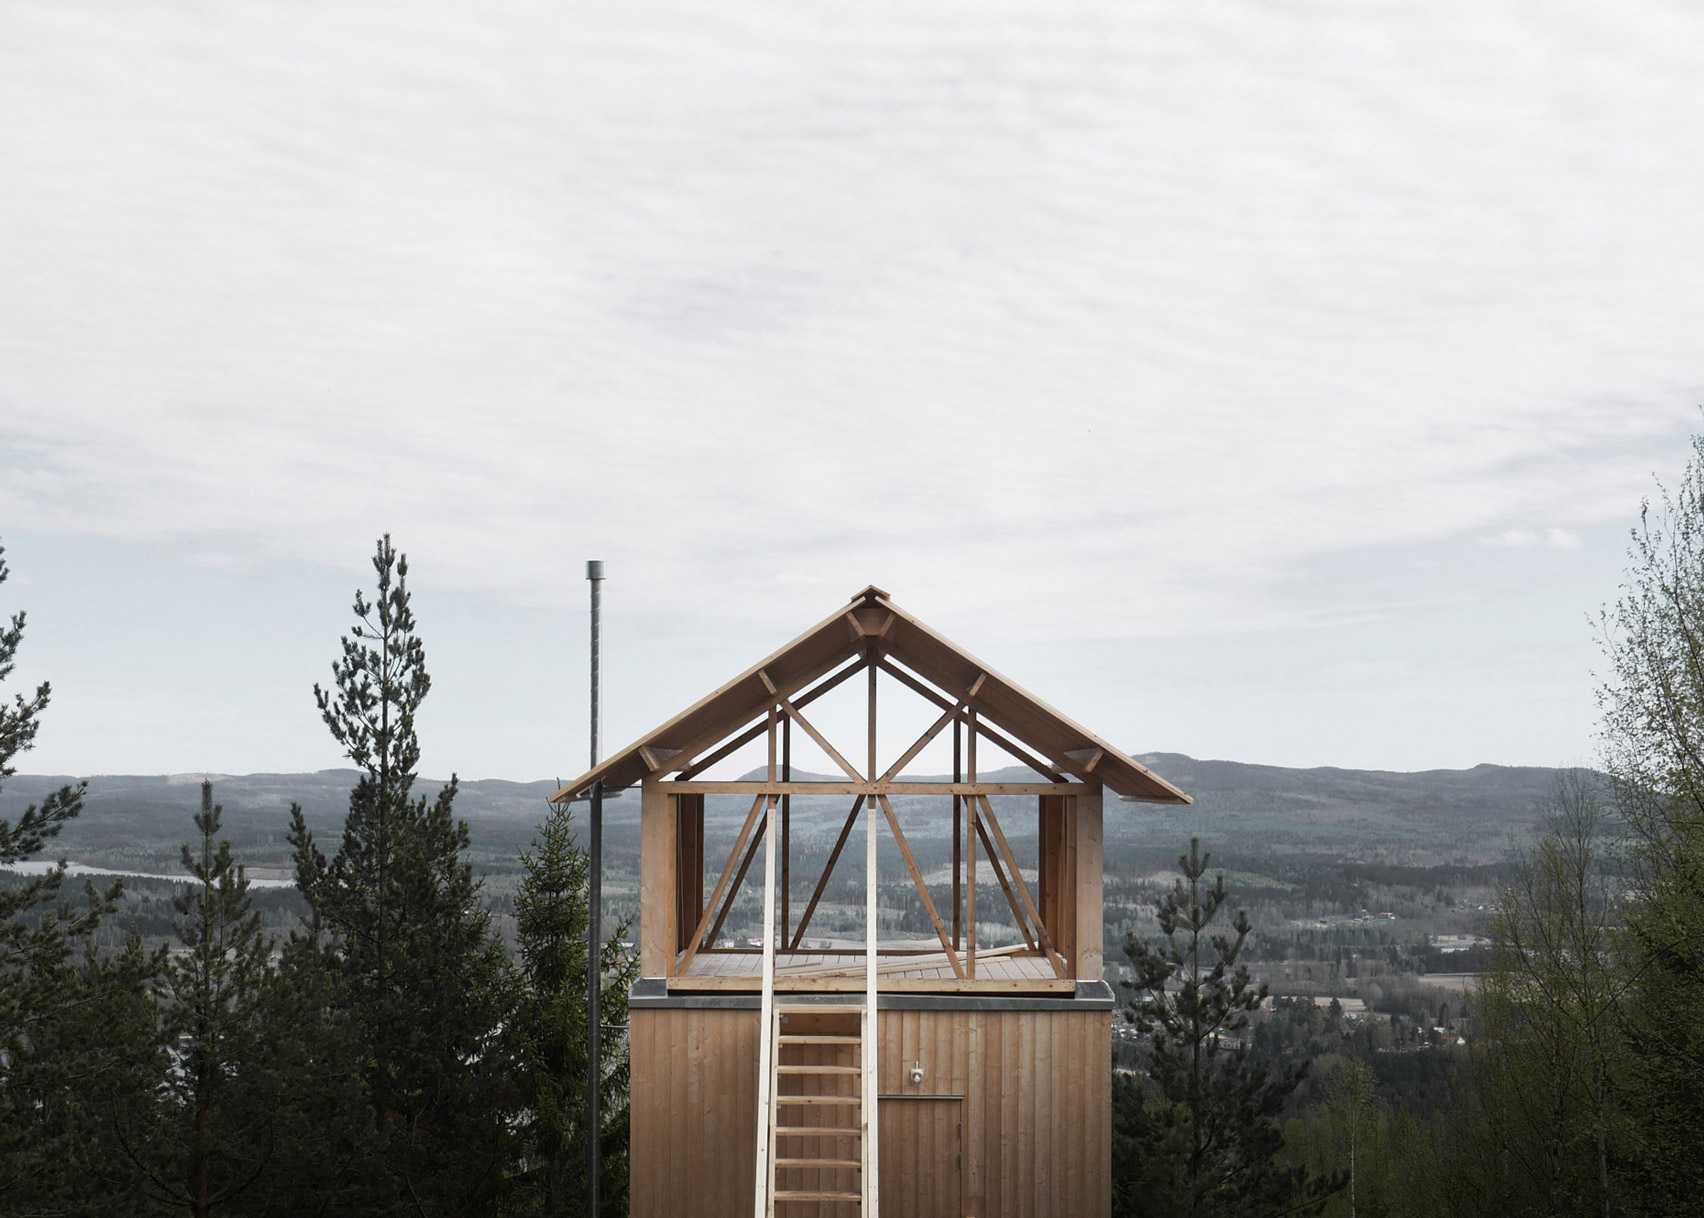 Lofthuset by Hanna Michelson